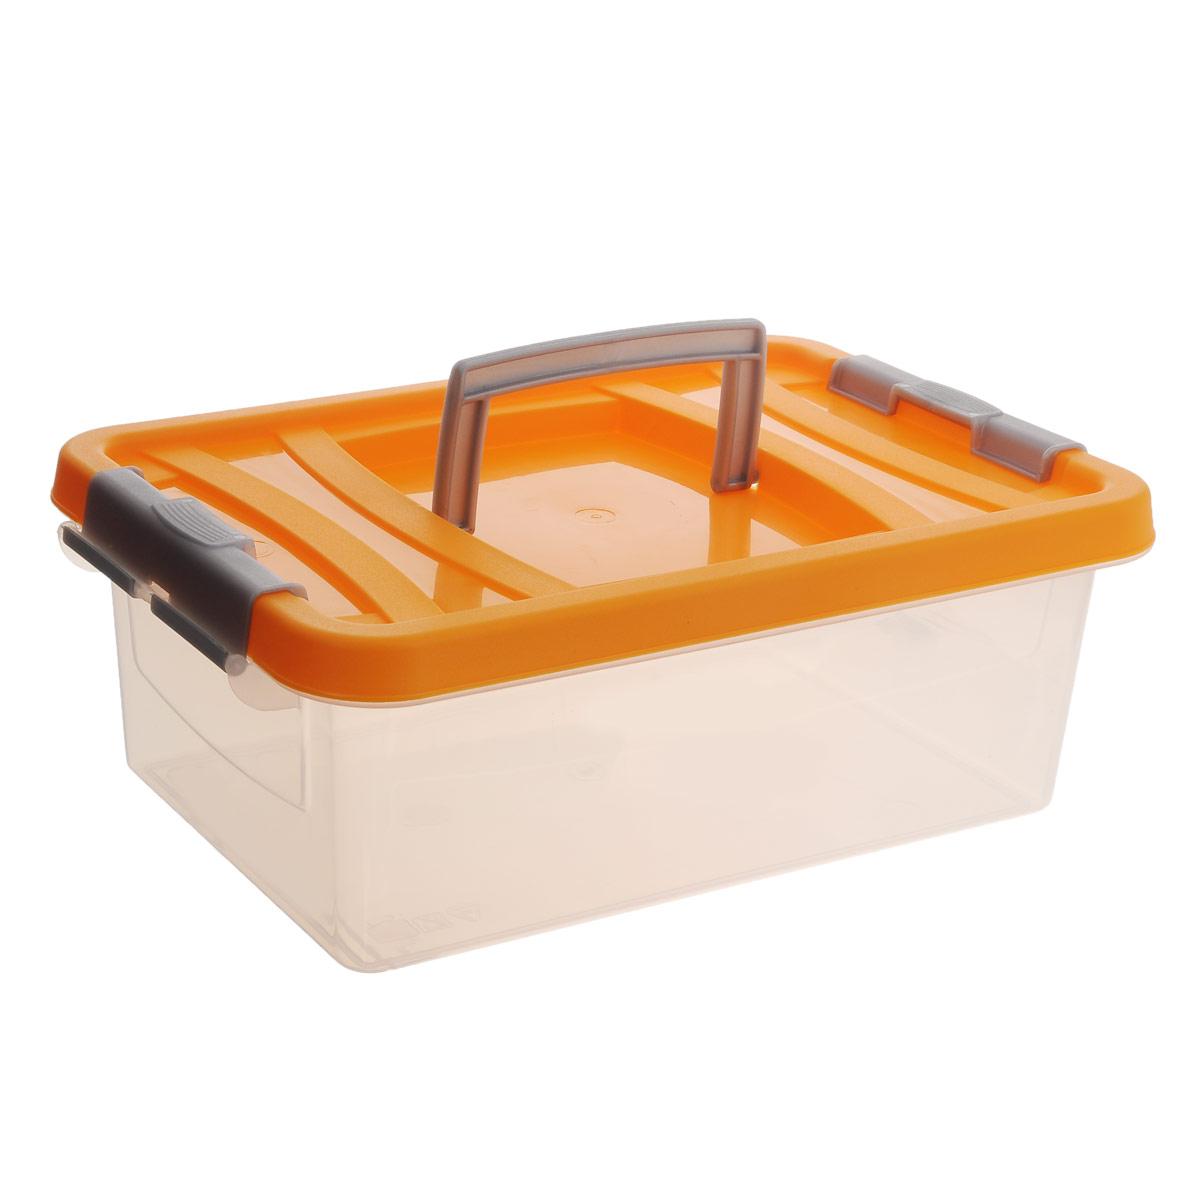 Контейнер для пищевых продуктов Martika, цвет: прозрачный, оранжевый, 6 лС205ПКонтейнер Martika прямоугольной формы предназначен специально для хранения пищевых продуктов. Устойчив к воздействию масел и жиров, легко моется. Крышка легко открывается и плотно закрывается. Имеются удобные ручки. Прозрачные стенки позволяют видеть содержимое. Контейнер имеет возможность хранения продуктов глубокой заморозки, обладает высокой прочностью. Контейнер необыкновенно удобен: его можно брать на пикник, за город, в поход. Можно мыть в посудомоечной машине.